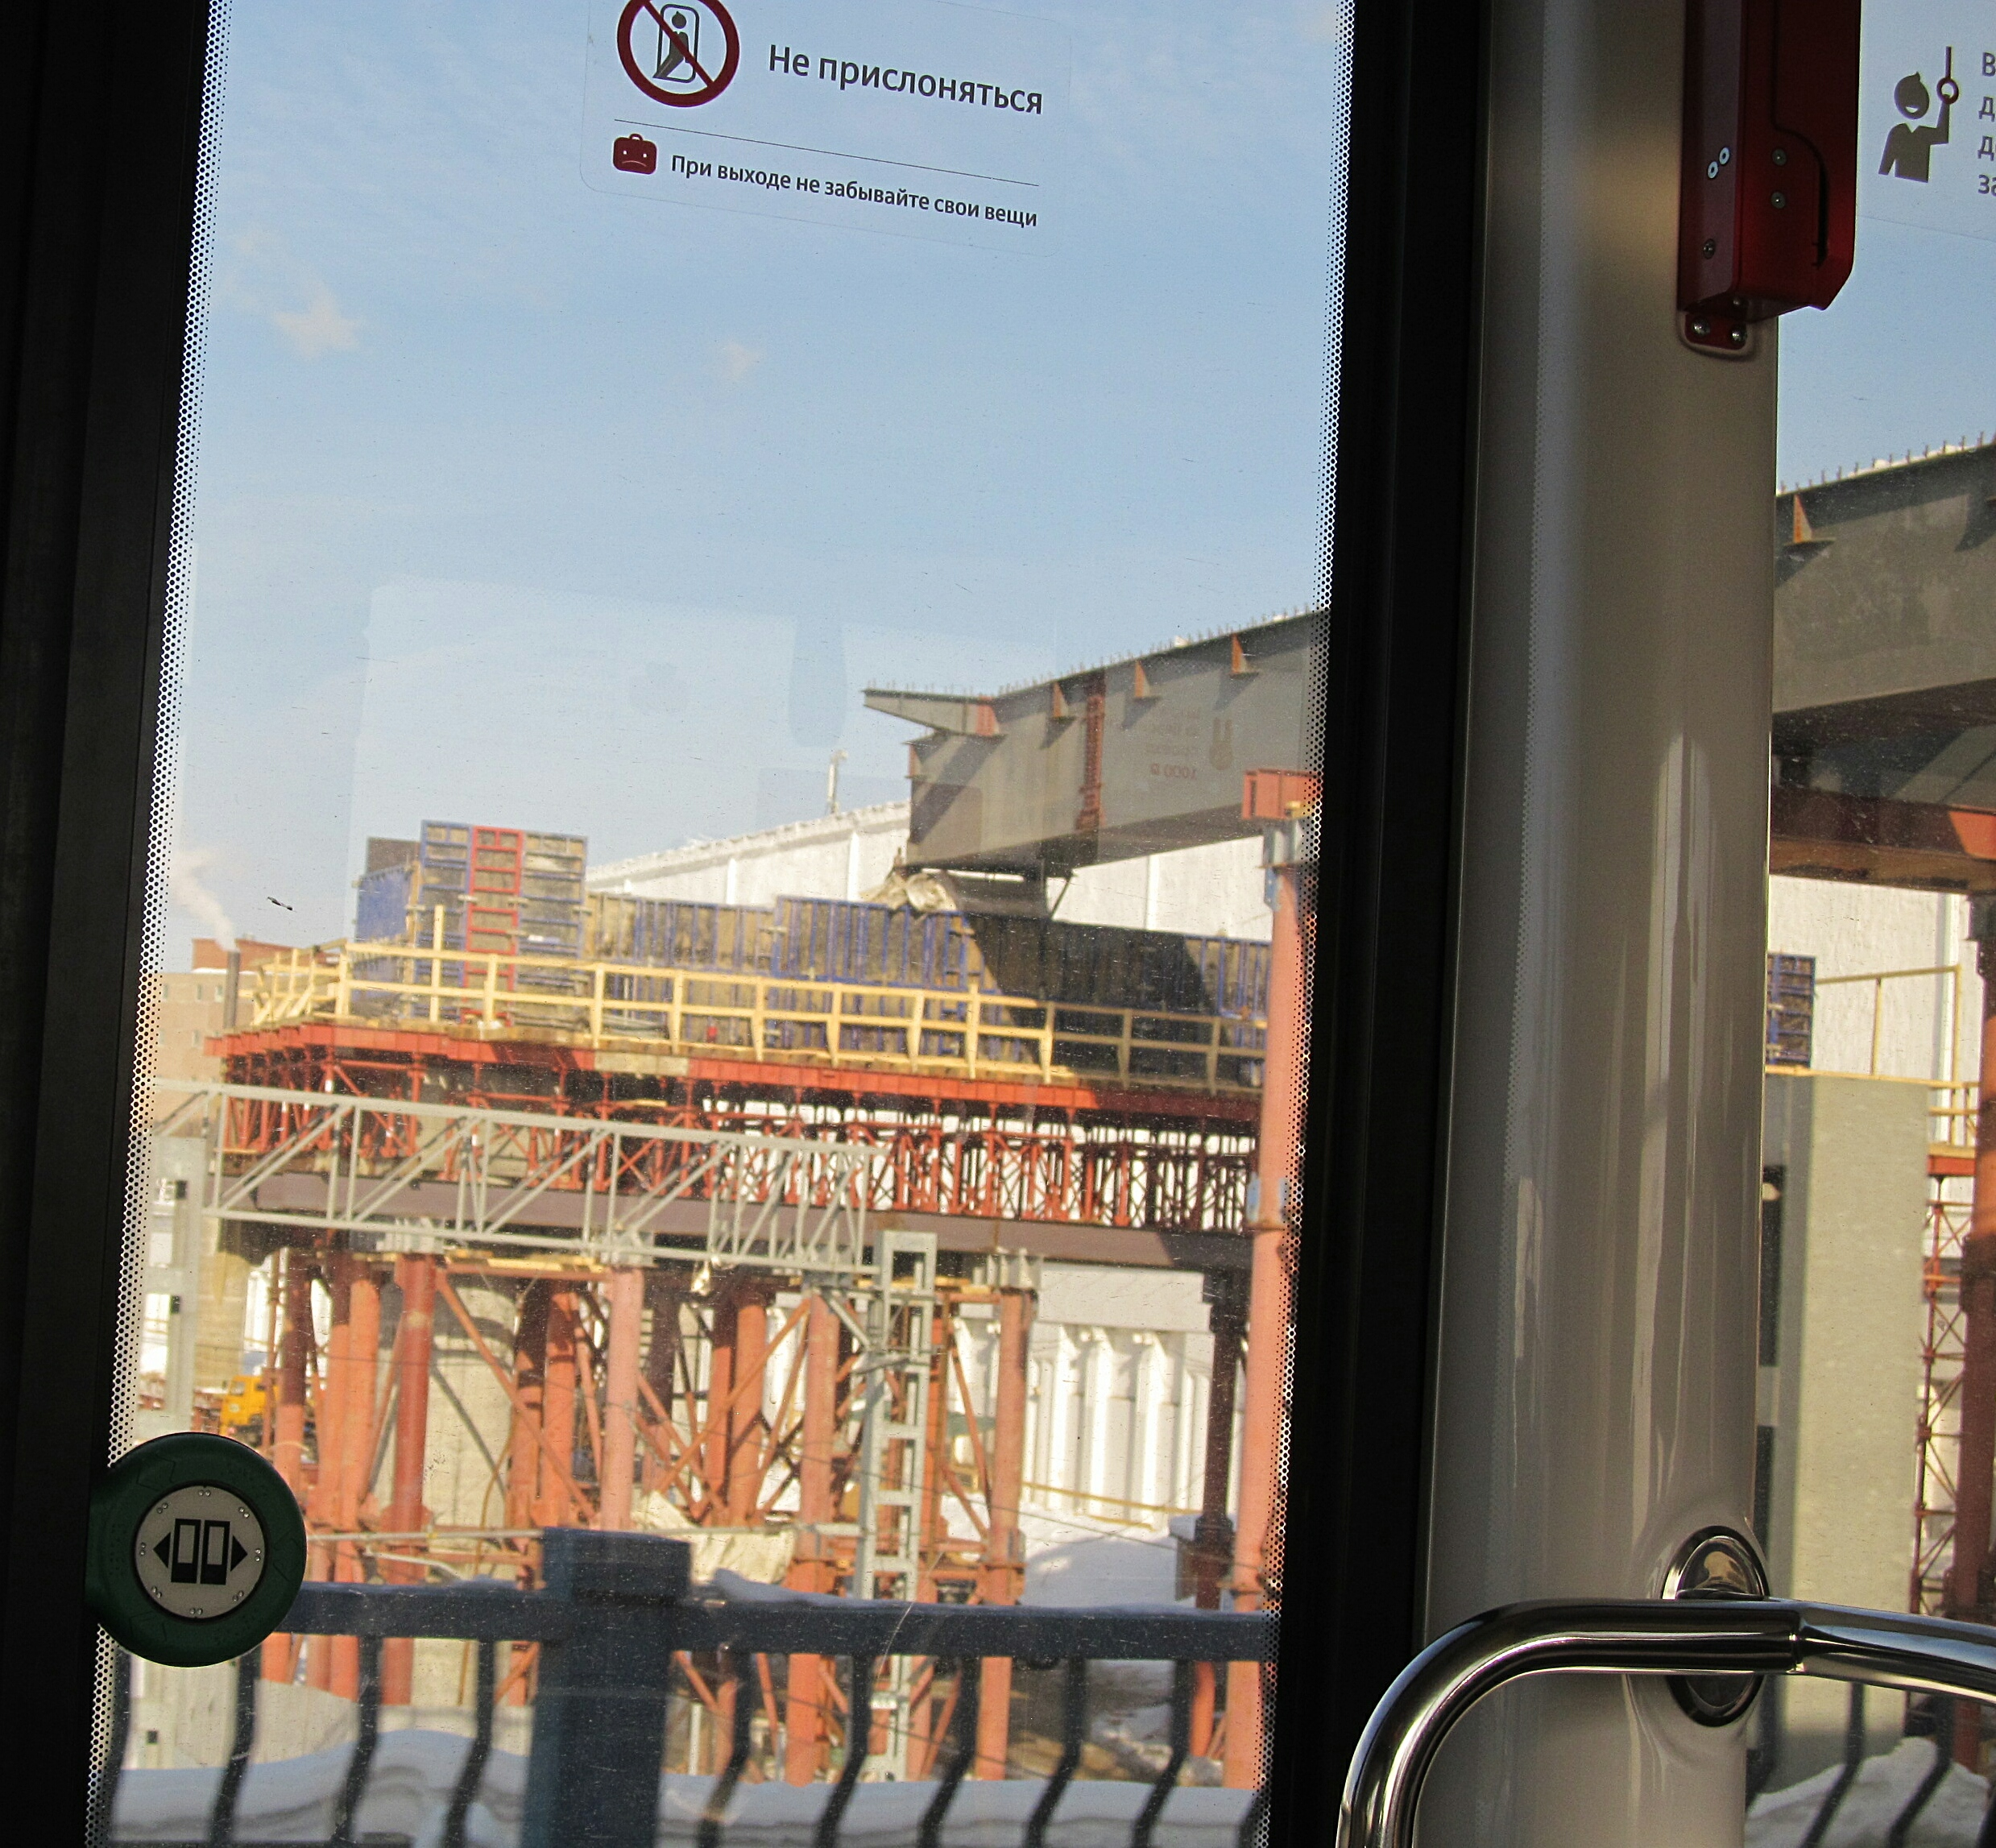 Из окна трамвая